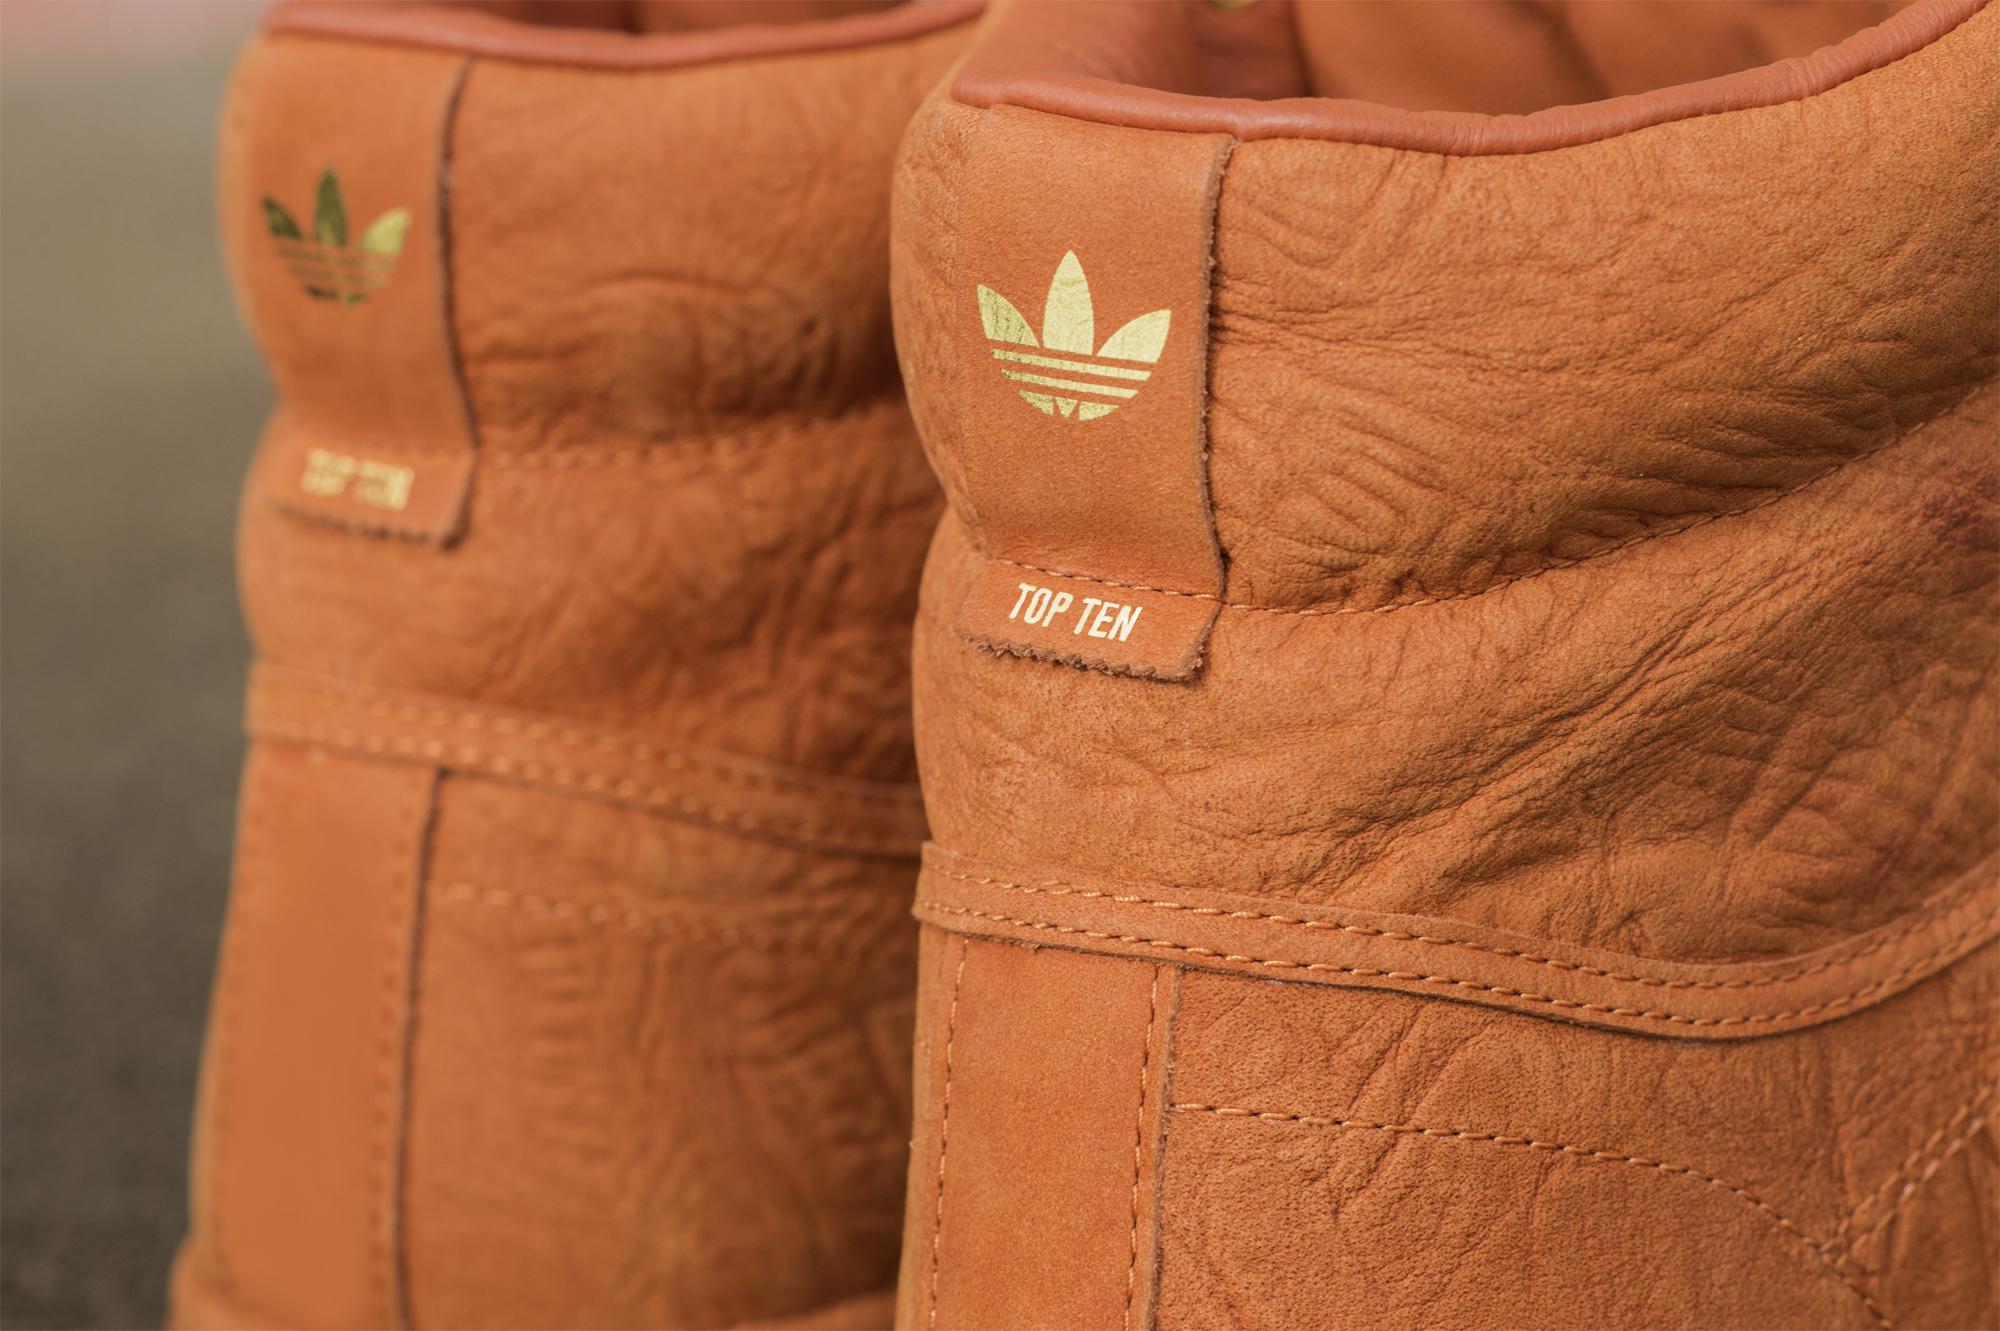 Kicks Of The Day  adidas Originals Fox Red Top Ten HI ... 9de7618a3b55